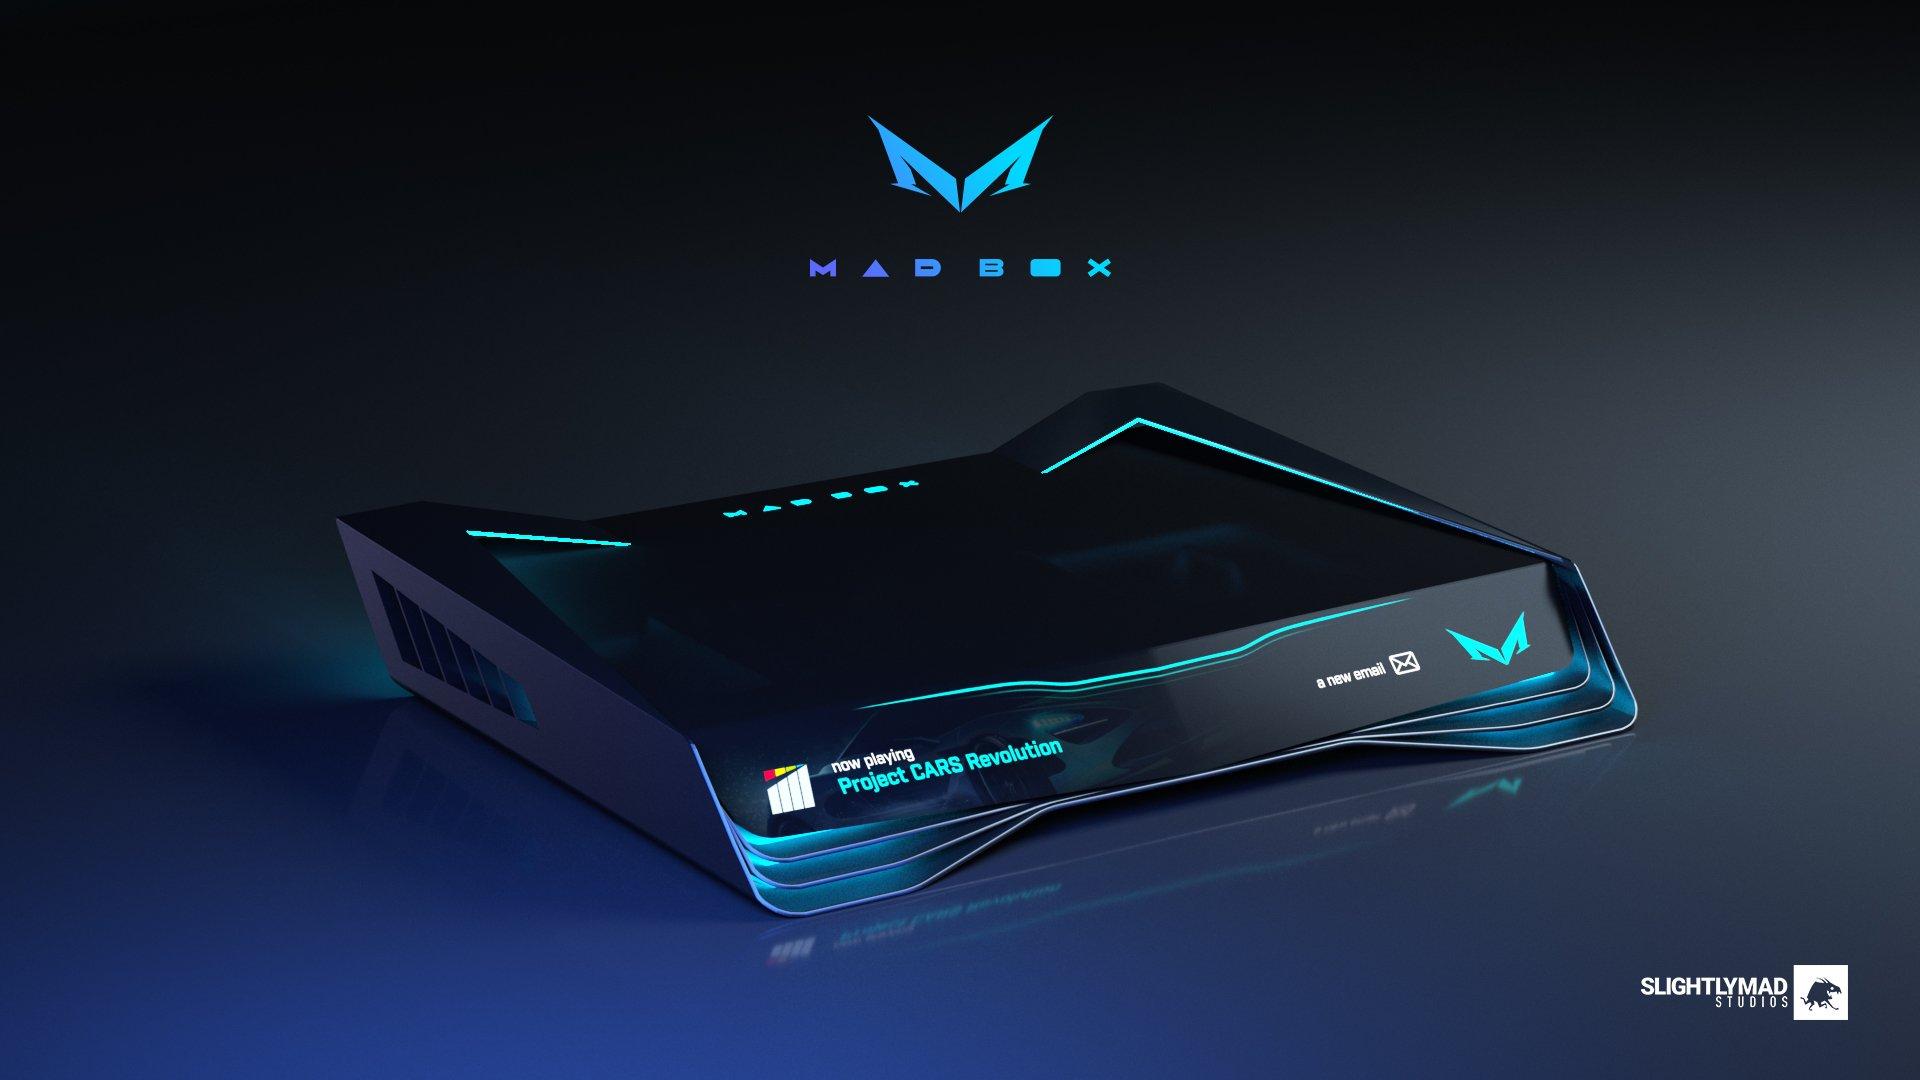 Утвержден дизайн «самой мощной консоли» Mad Box — выглядит футуристично